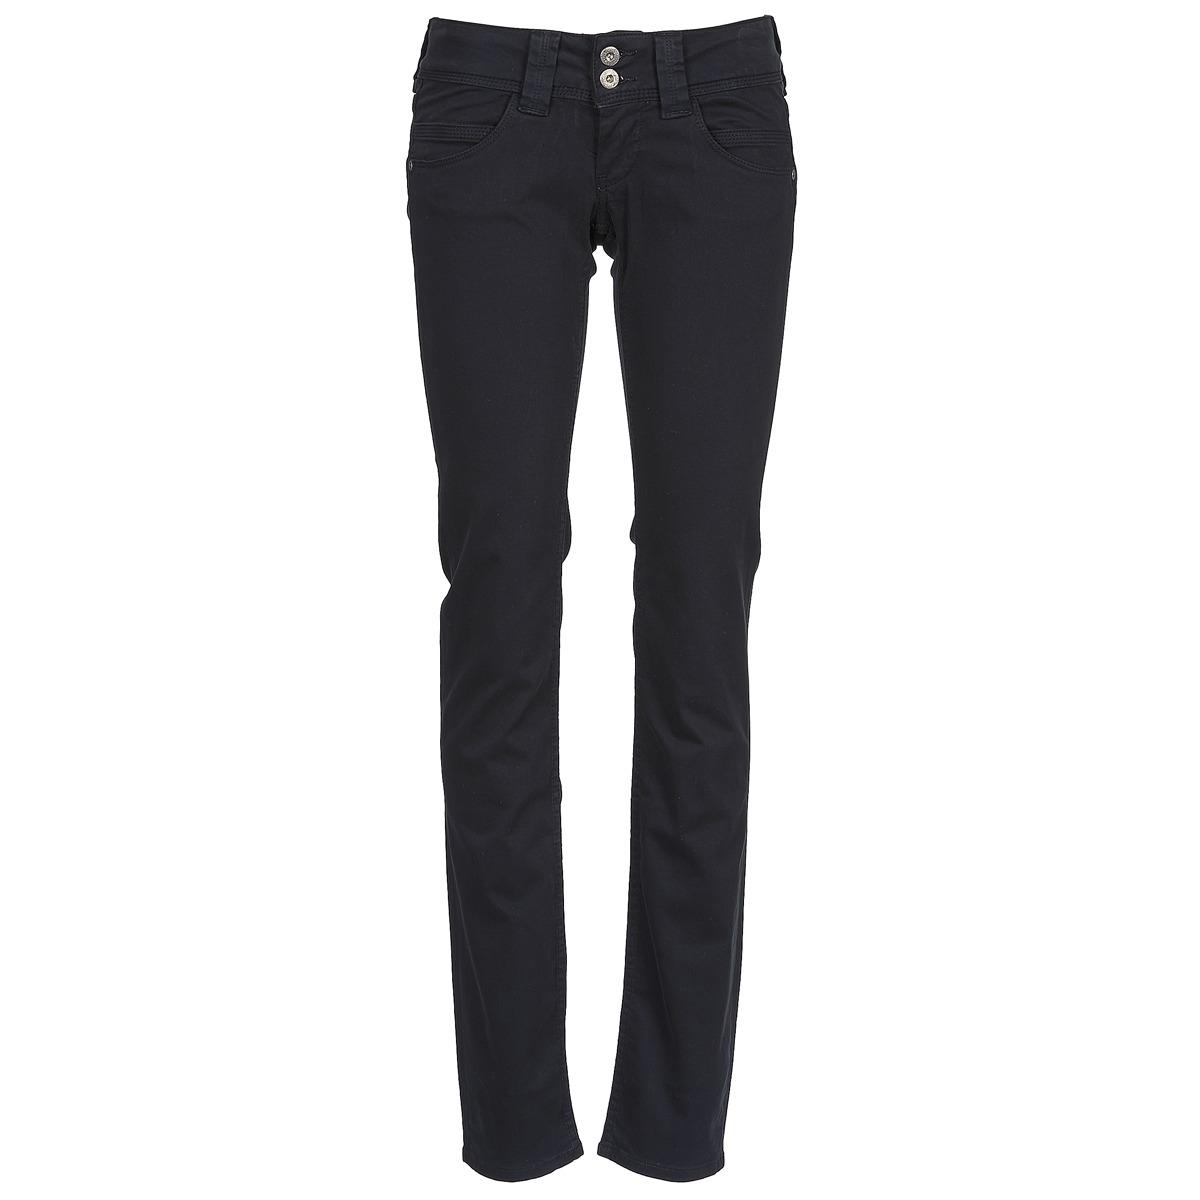 Pepe jeans VENUS Negro   999 - Envío gratis con Spartoo.es ! - textil  pantalones con 5 bolsillos Mujer 80 86f0e787fd41